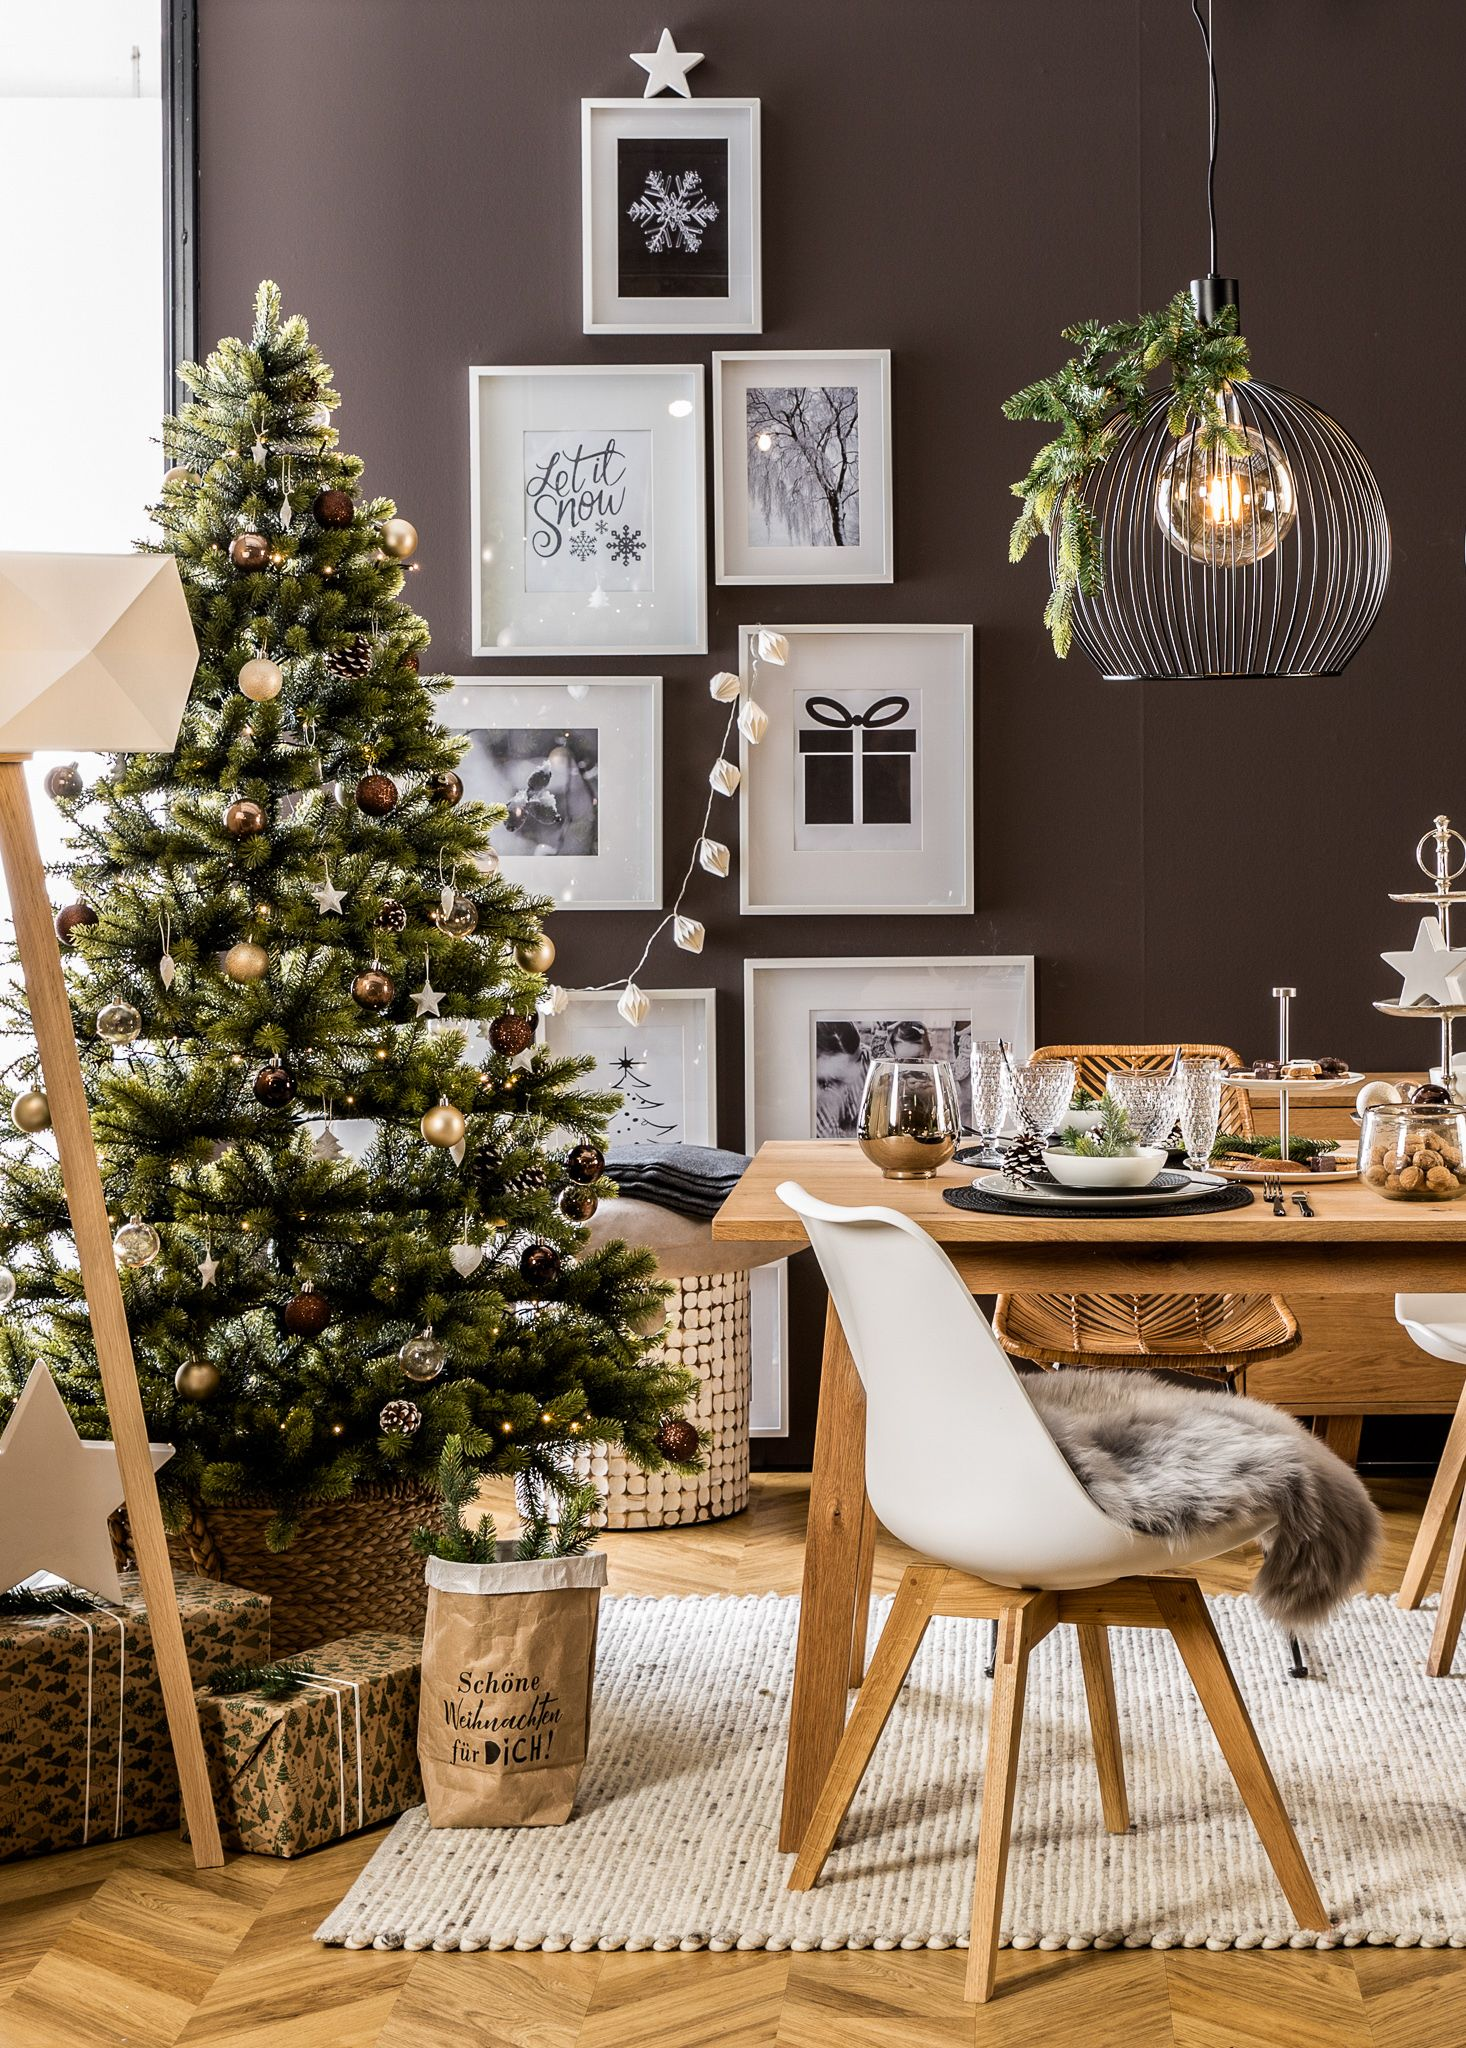 Scandi Christmas – Weihnachten im skandinavischen Stil #weihnachtlicheszuhause